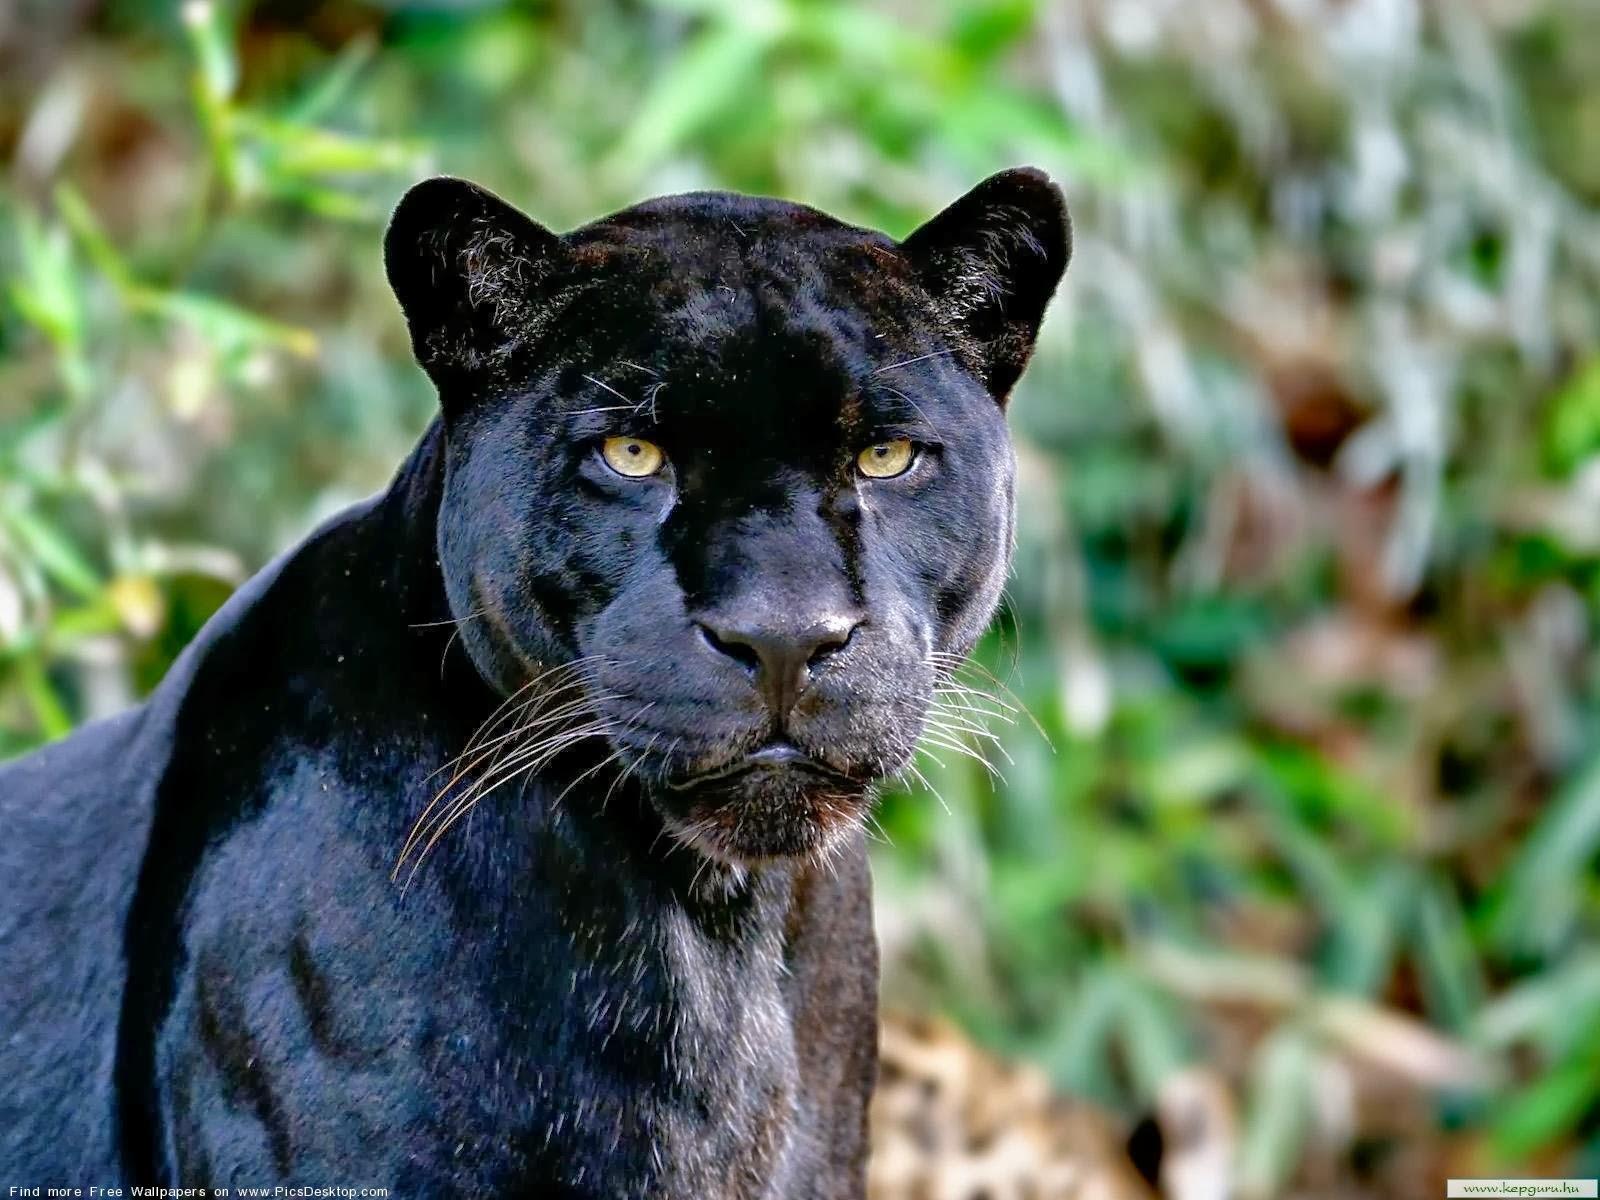 Black Panther HD Wallpapers black panther wild animal wild black 1600x1200